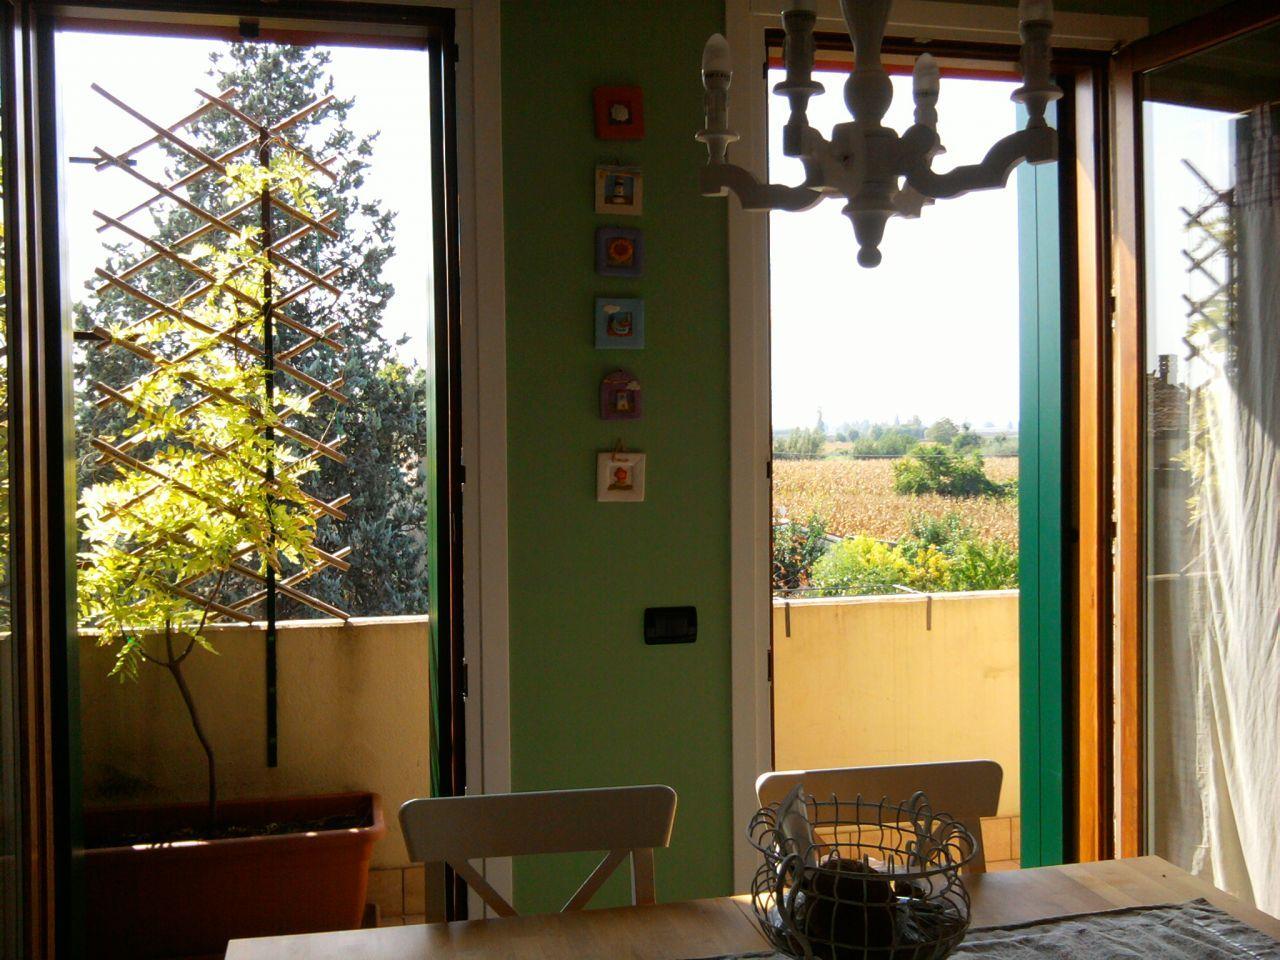 Appartamento in vendita a Cologna Veneta, 3 locali, prezzo € 113.000 | CambioCasa.it